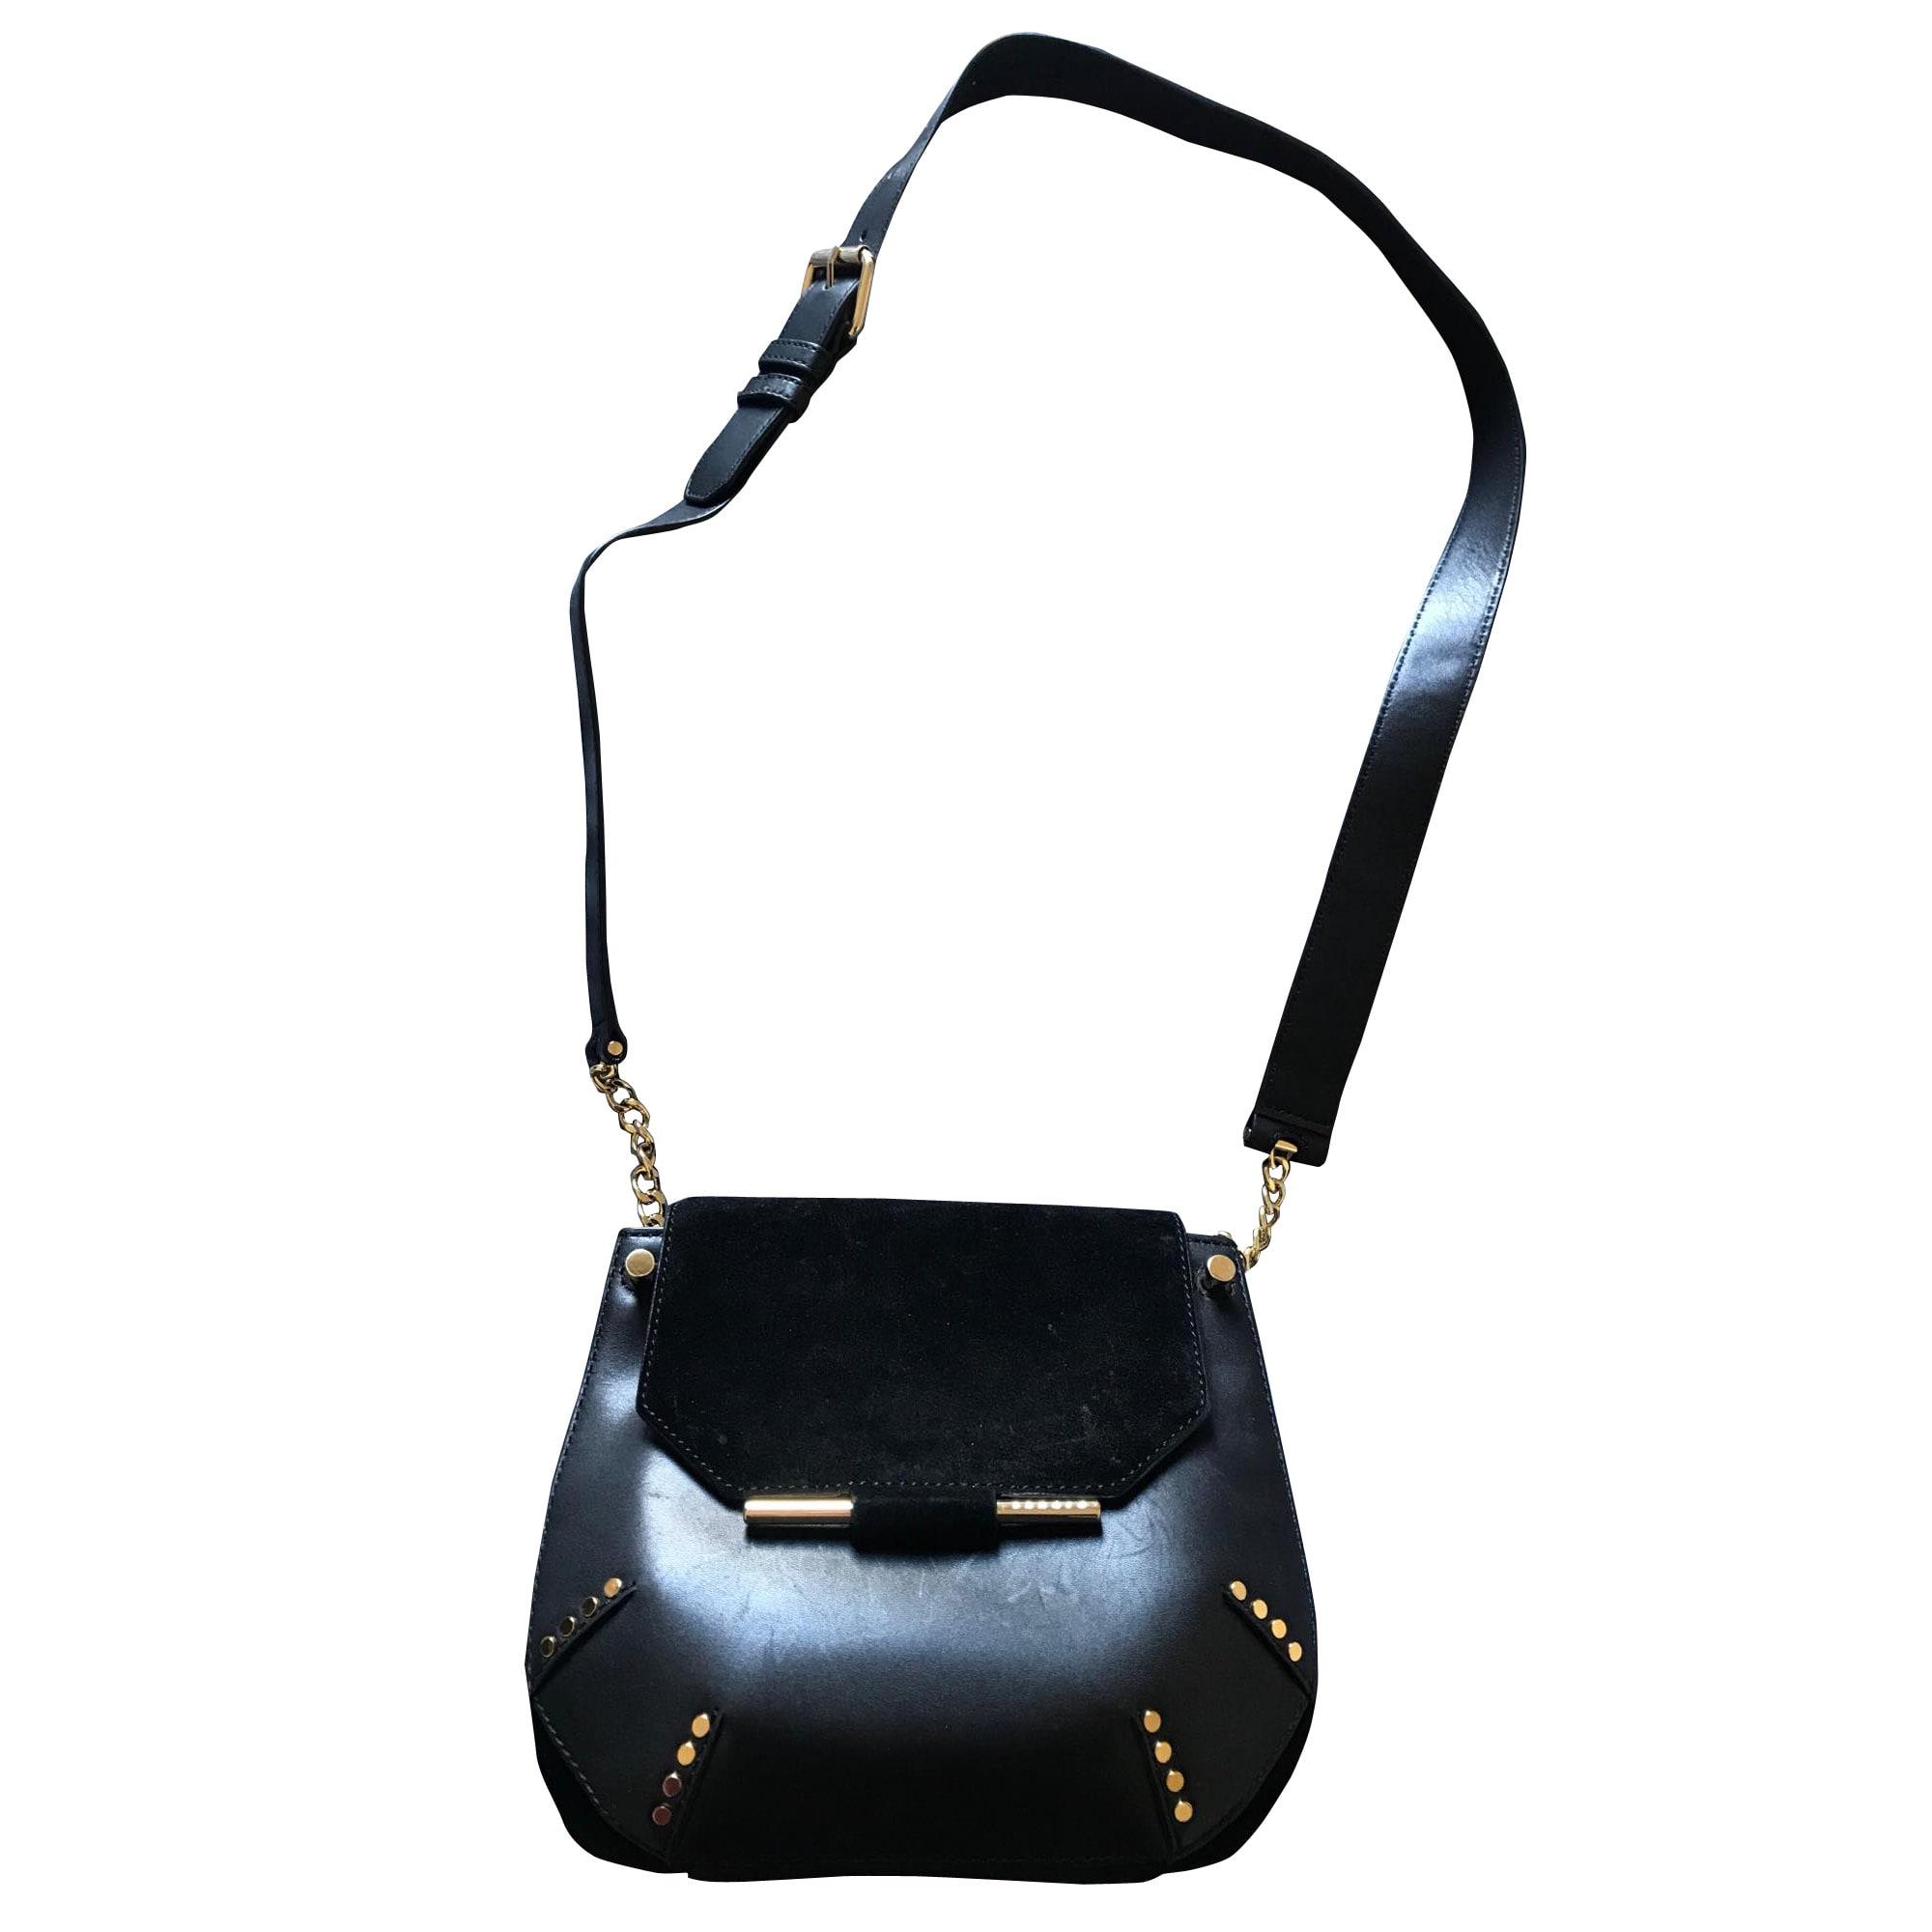 9af67bd862 Sac en bandoulière en cuir SANDRO noir vendu par Delphinecases9759 ...